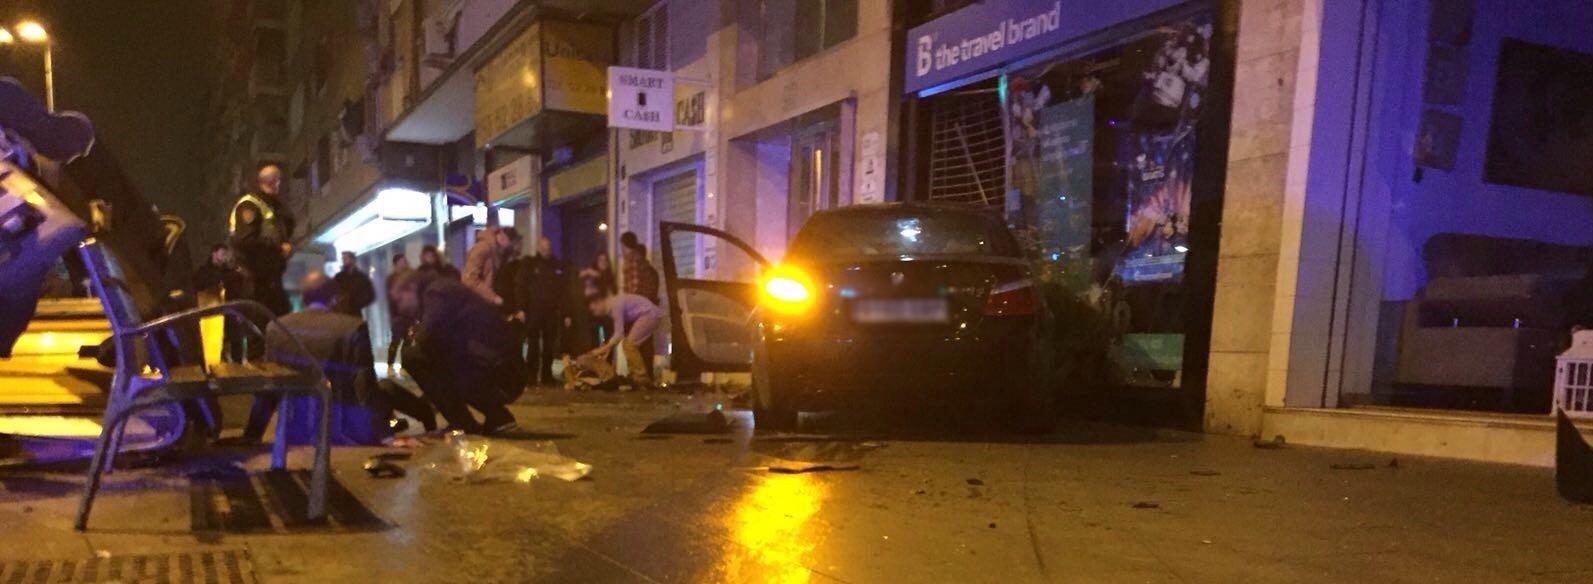 Un conductor choca contra la mediana en camino de ronda - Agencia de viajes diana garzon ...